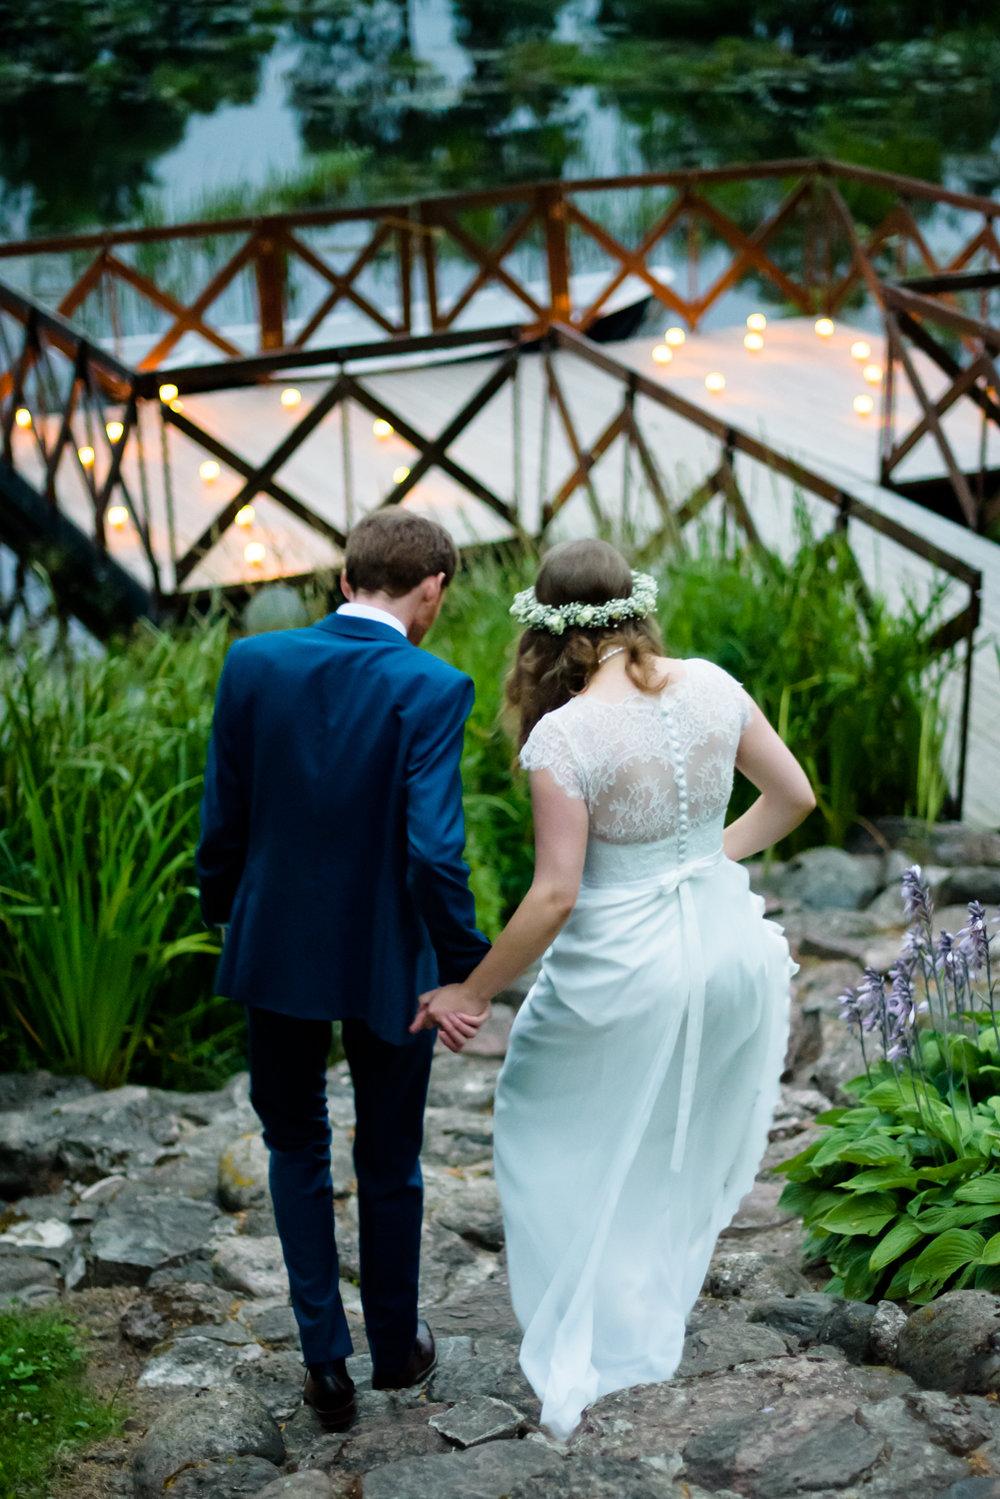 22.07.2016. Sabīne un Toby kāzas. Talsi, Jaunmoki, Jaunpils.